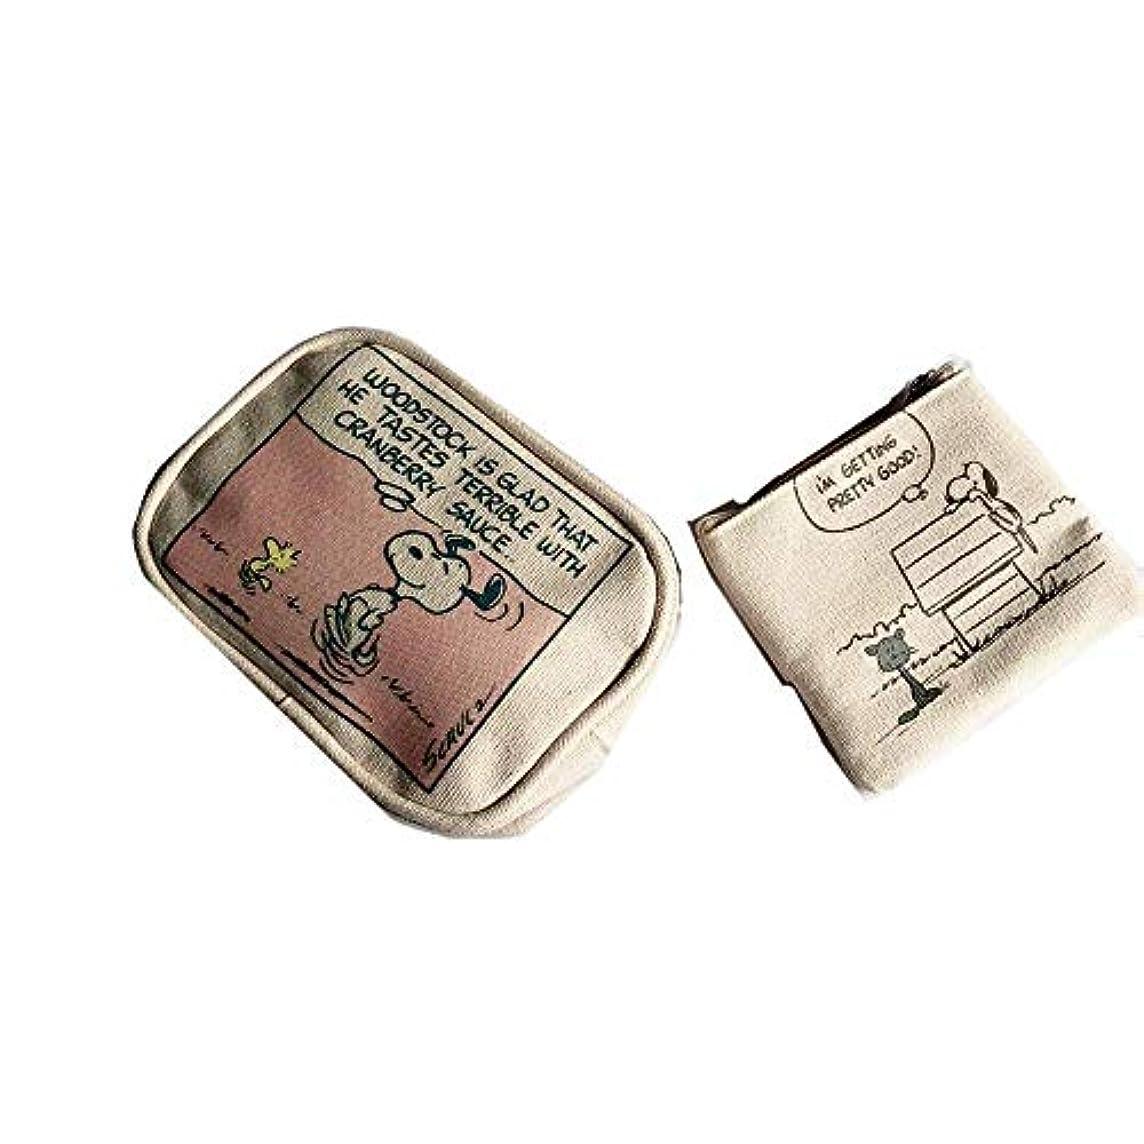 マイナージェム宝石化粧ポーチ メイクポーチ ミニ 財布 機能的 大容量 化粧品収納 小物入れ 普段使い 出張 旅行 メイク ブラシ バッグ 化粧バッグ (スヌーピー)